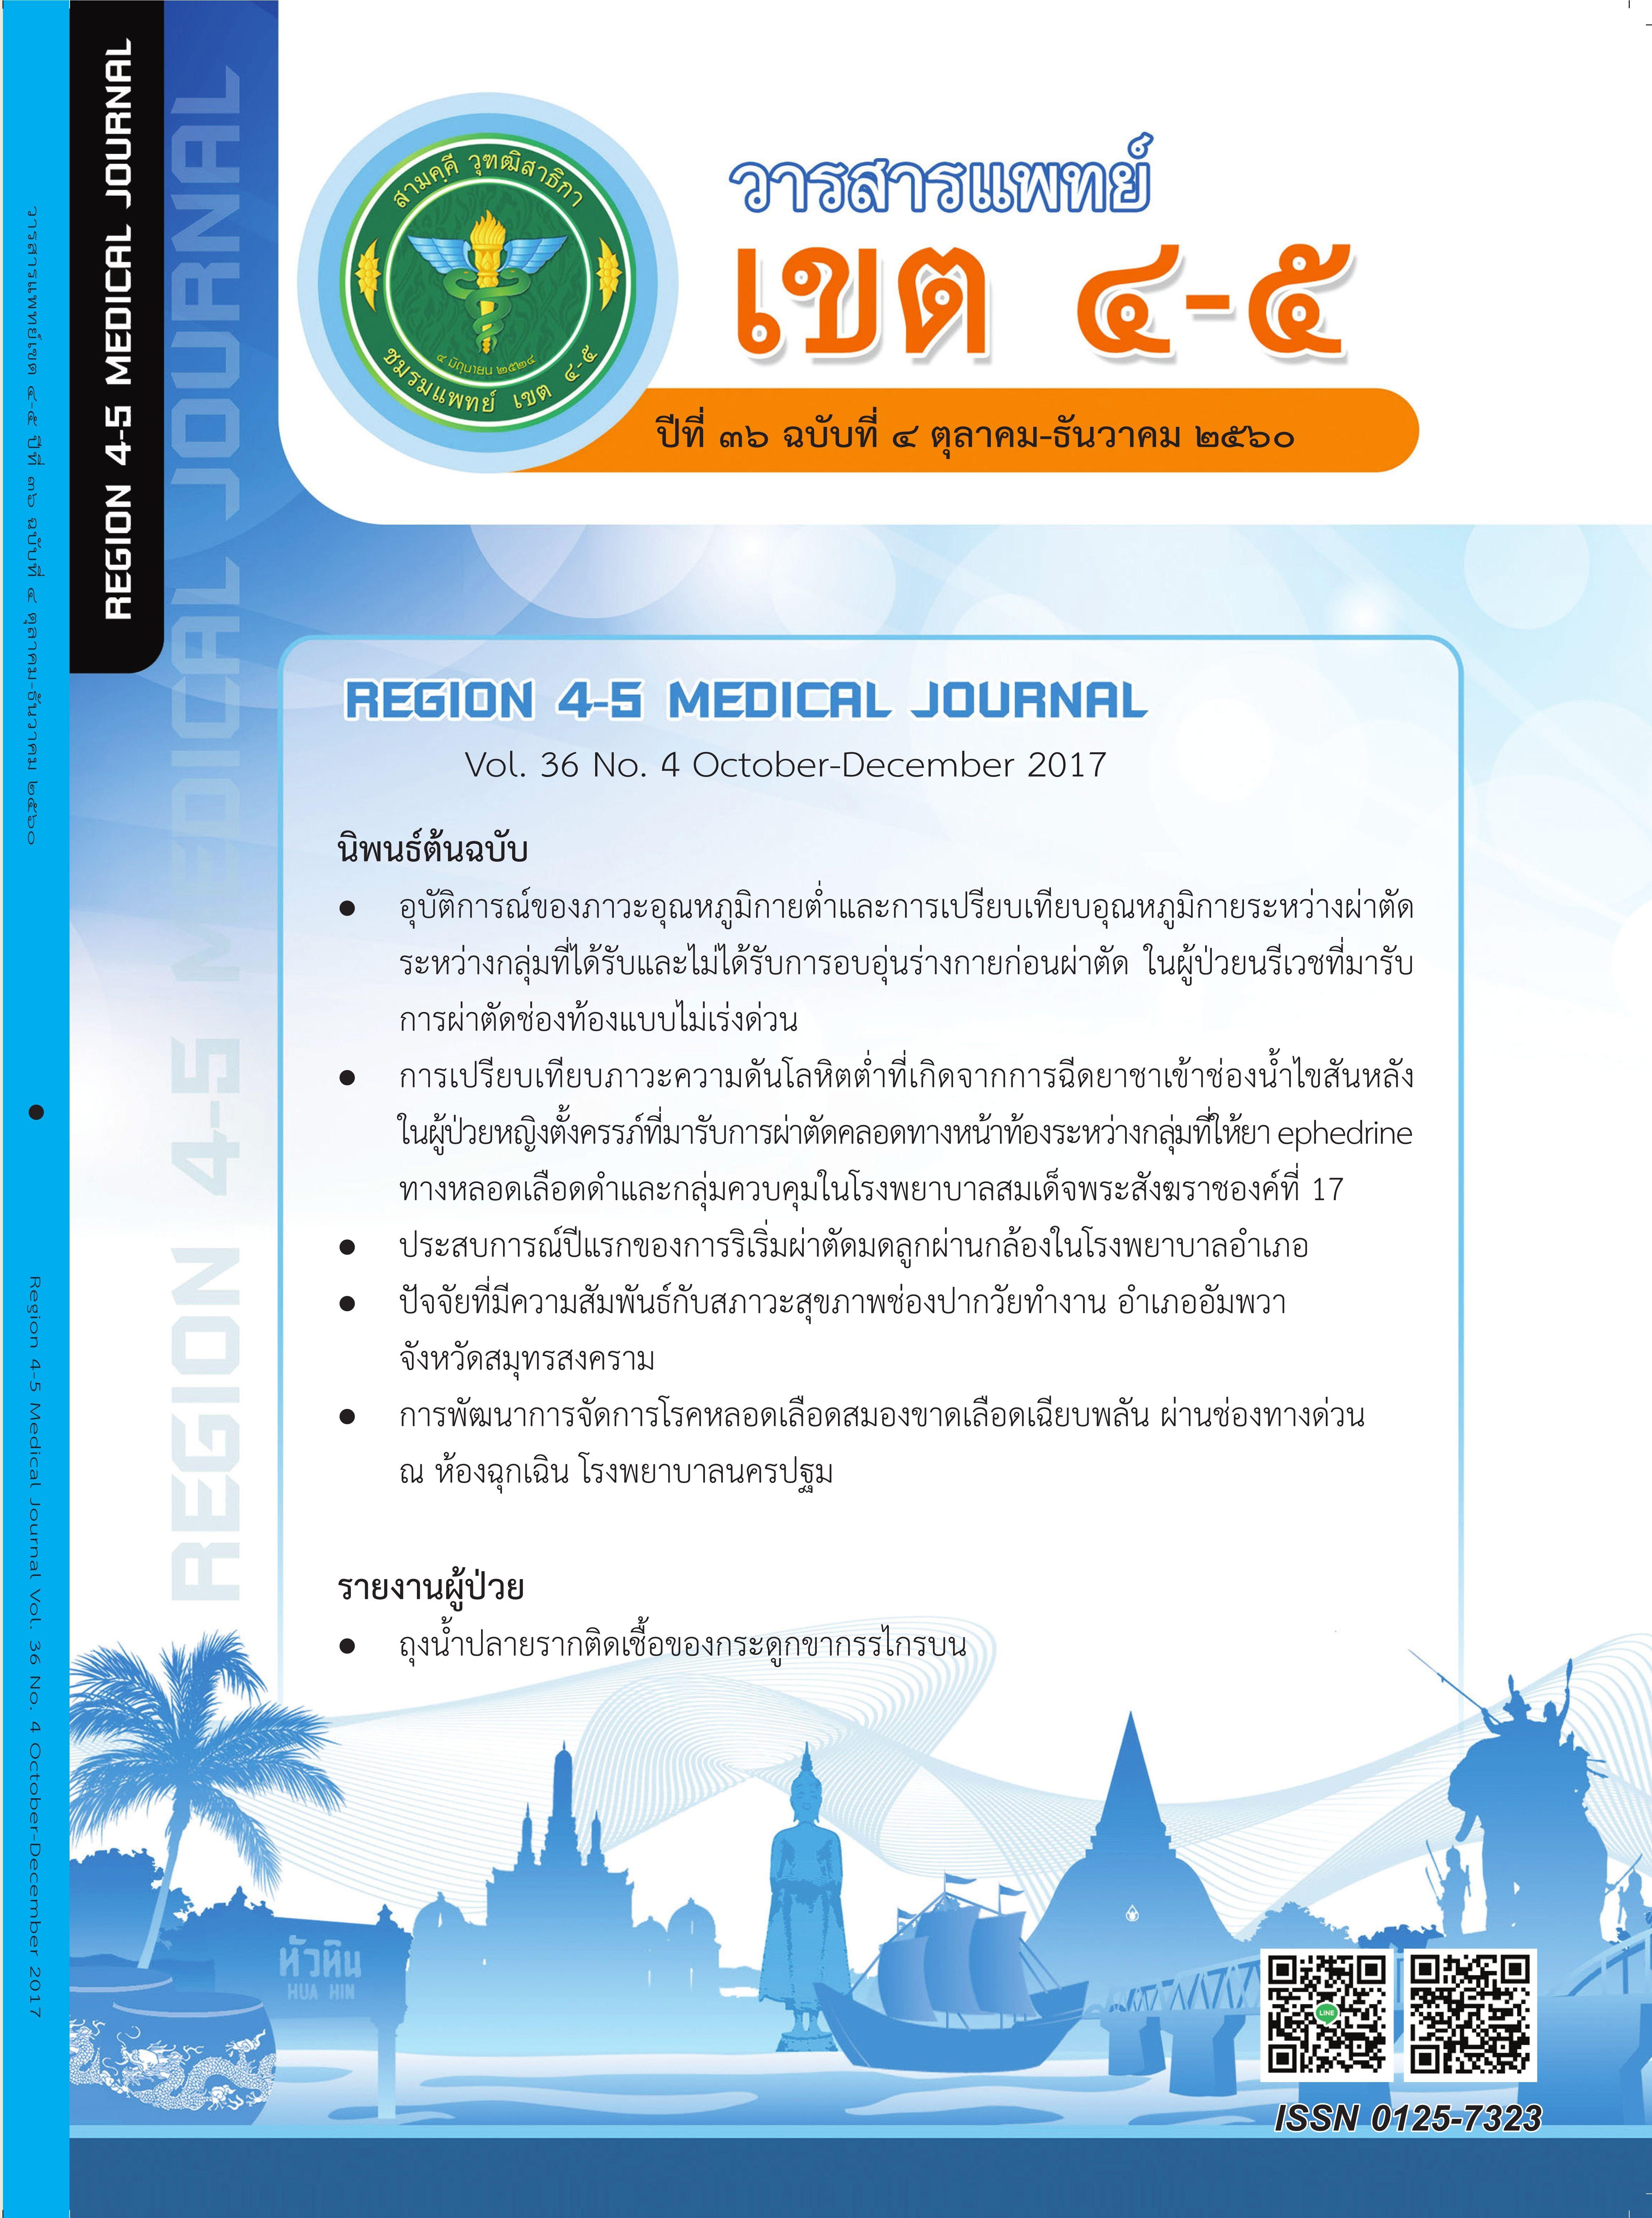 วารสารแพทย์เขต 4-5